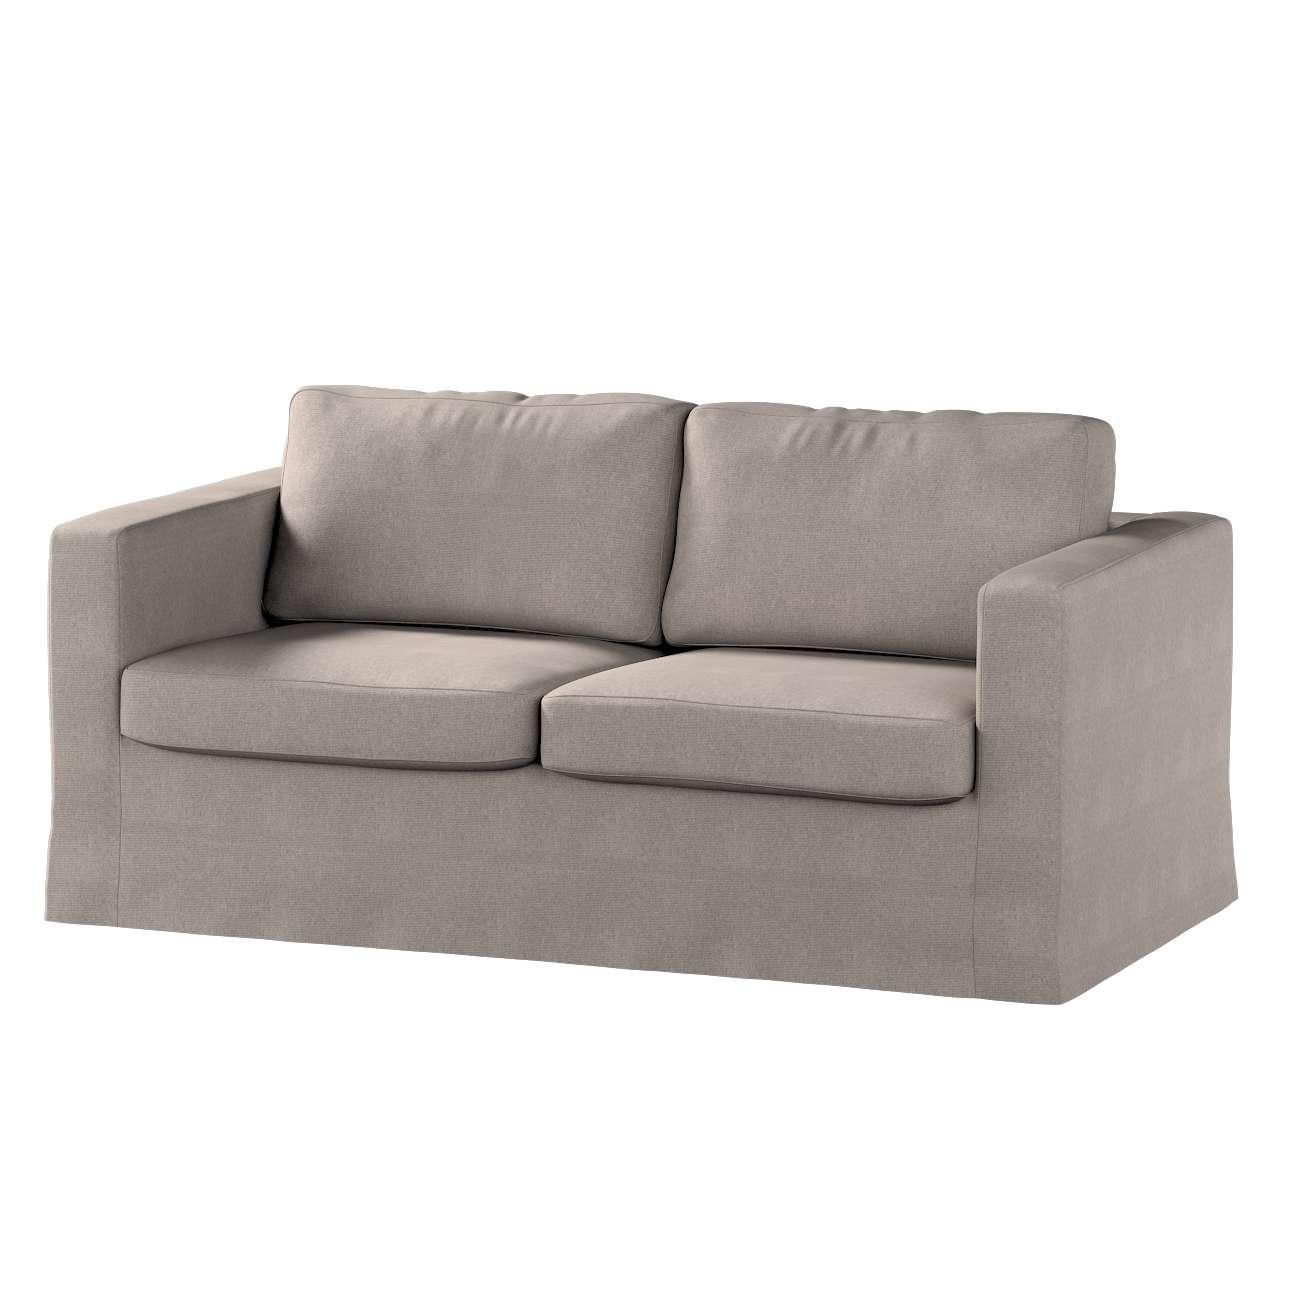 Pokrowiec na sofę Karlstad 2-osobową nierozkładaną długi Sofa Karlstad 2-osobowa w kolekcji Etna , tkanina: 705-09